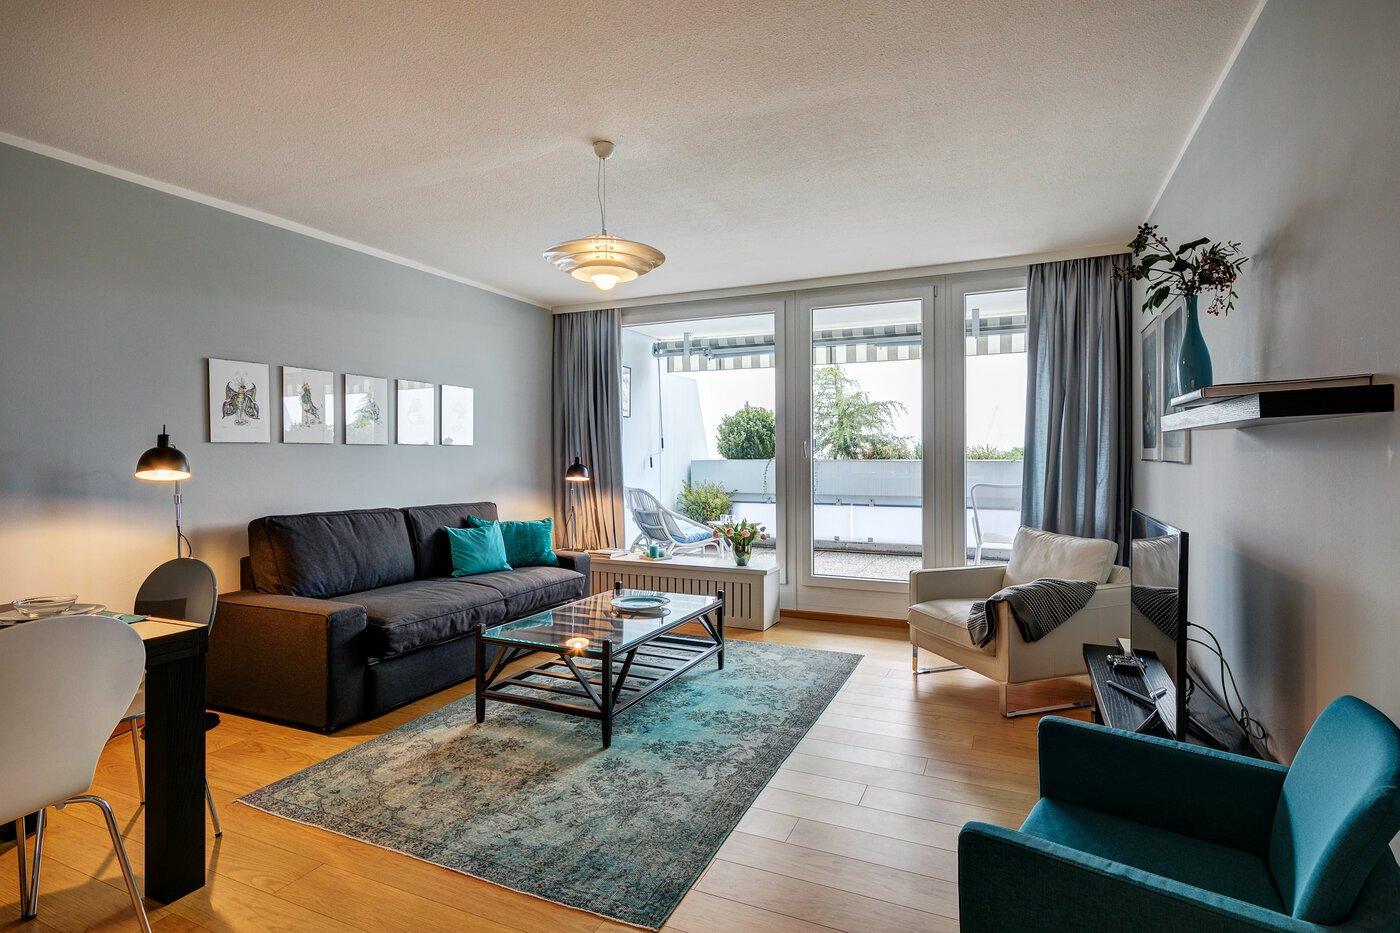 2 zimmer wohnung m bliert bad mit badewanne m nchen olympiadorf 7900. Black Bedroom Furniture Sets. Home Design Ideas